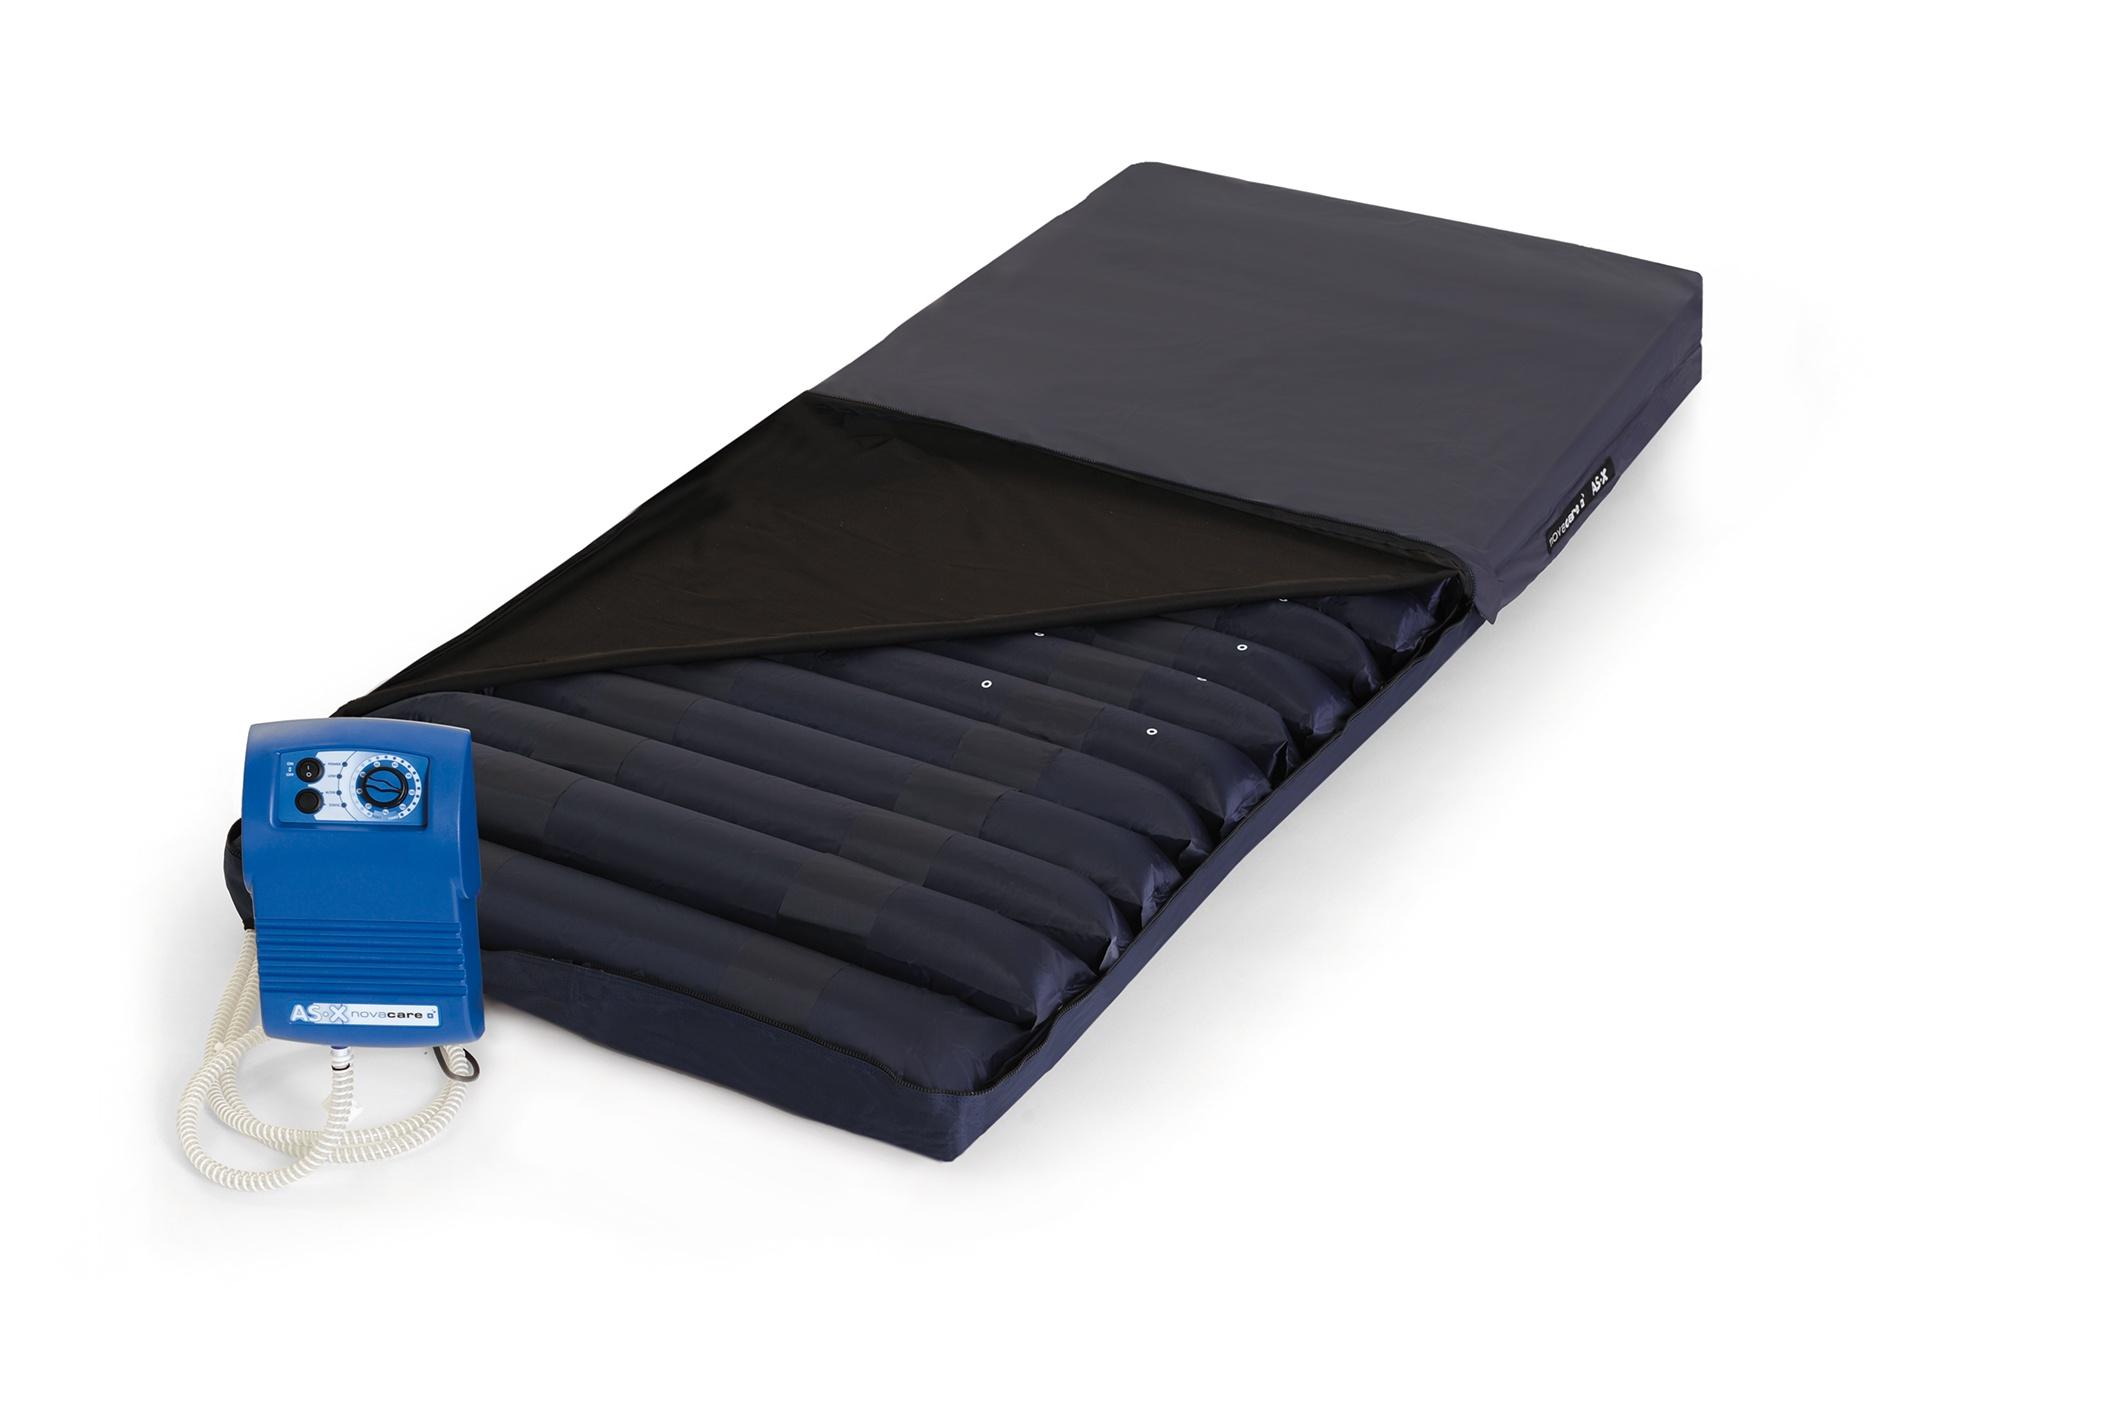 ASX Novacare materac zmiennociśnieniowy - rurowy do III stopnia zagrożenia odleżynami w skali czterostopniowej EPUAP.